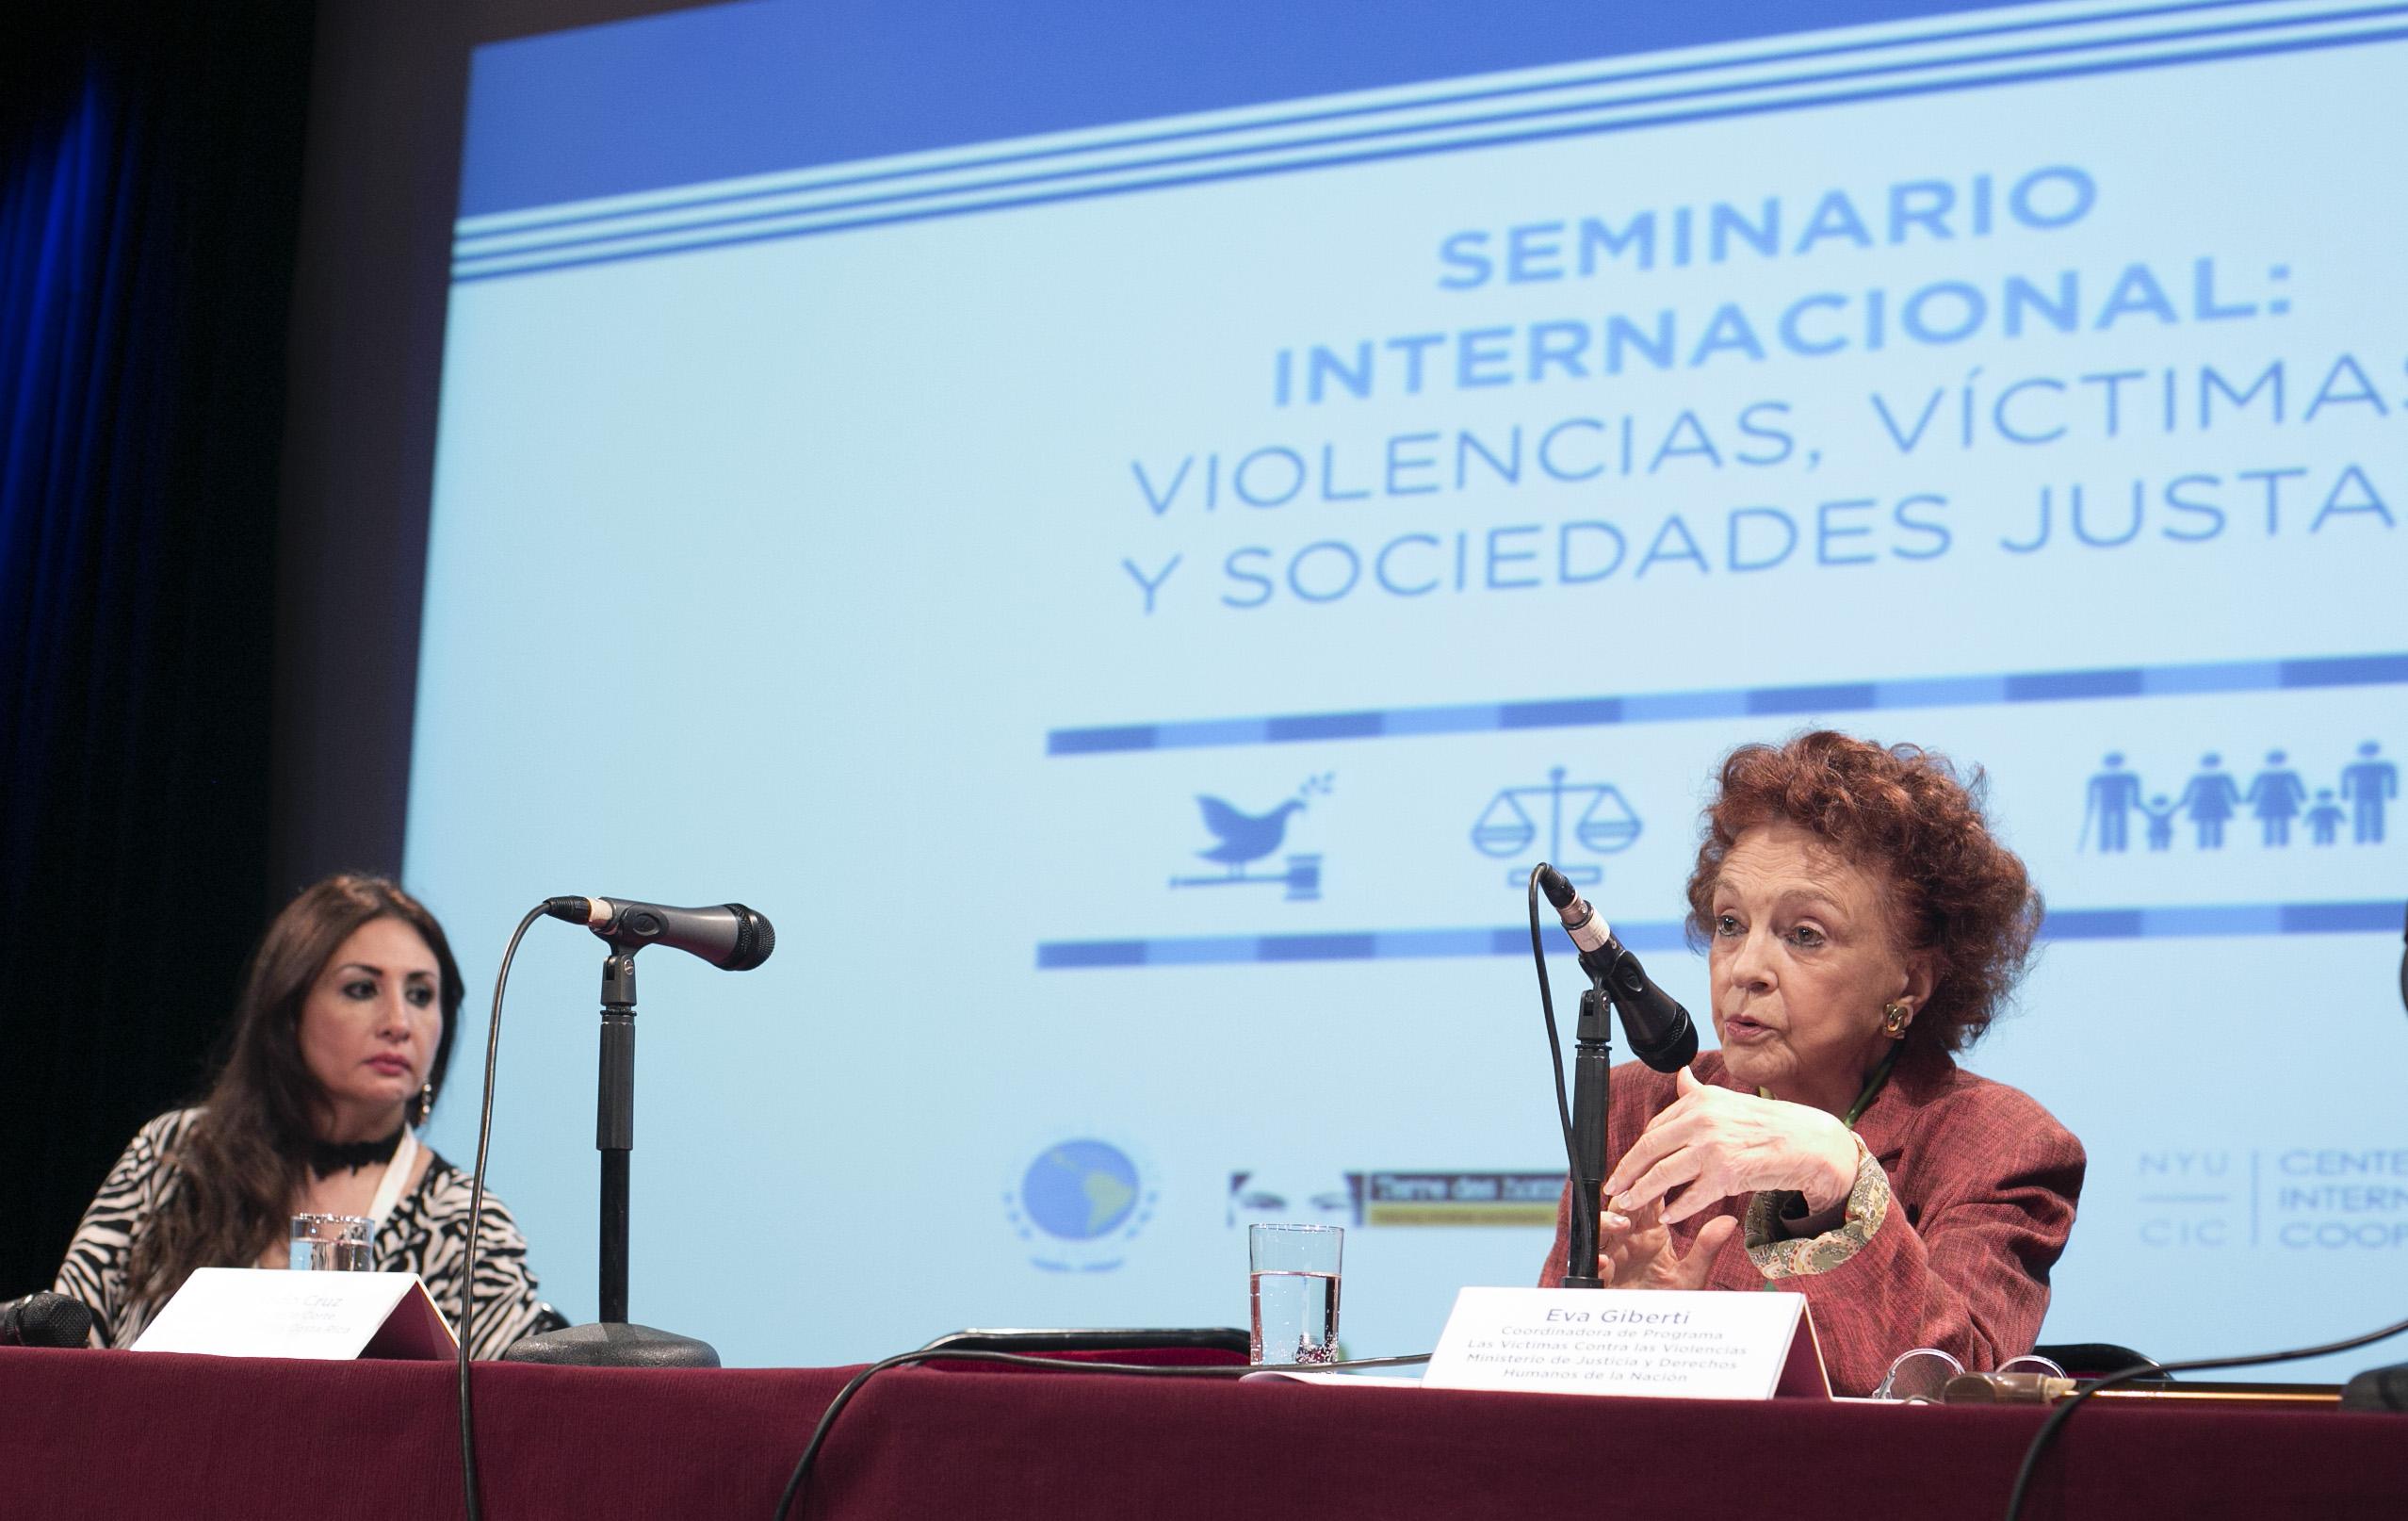 Seminario Internacional: Violencias, víctimas y sociedades justas